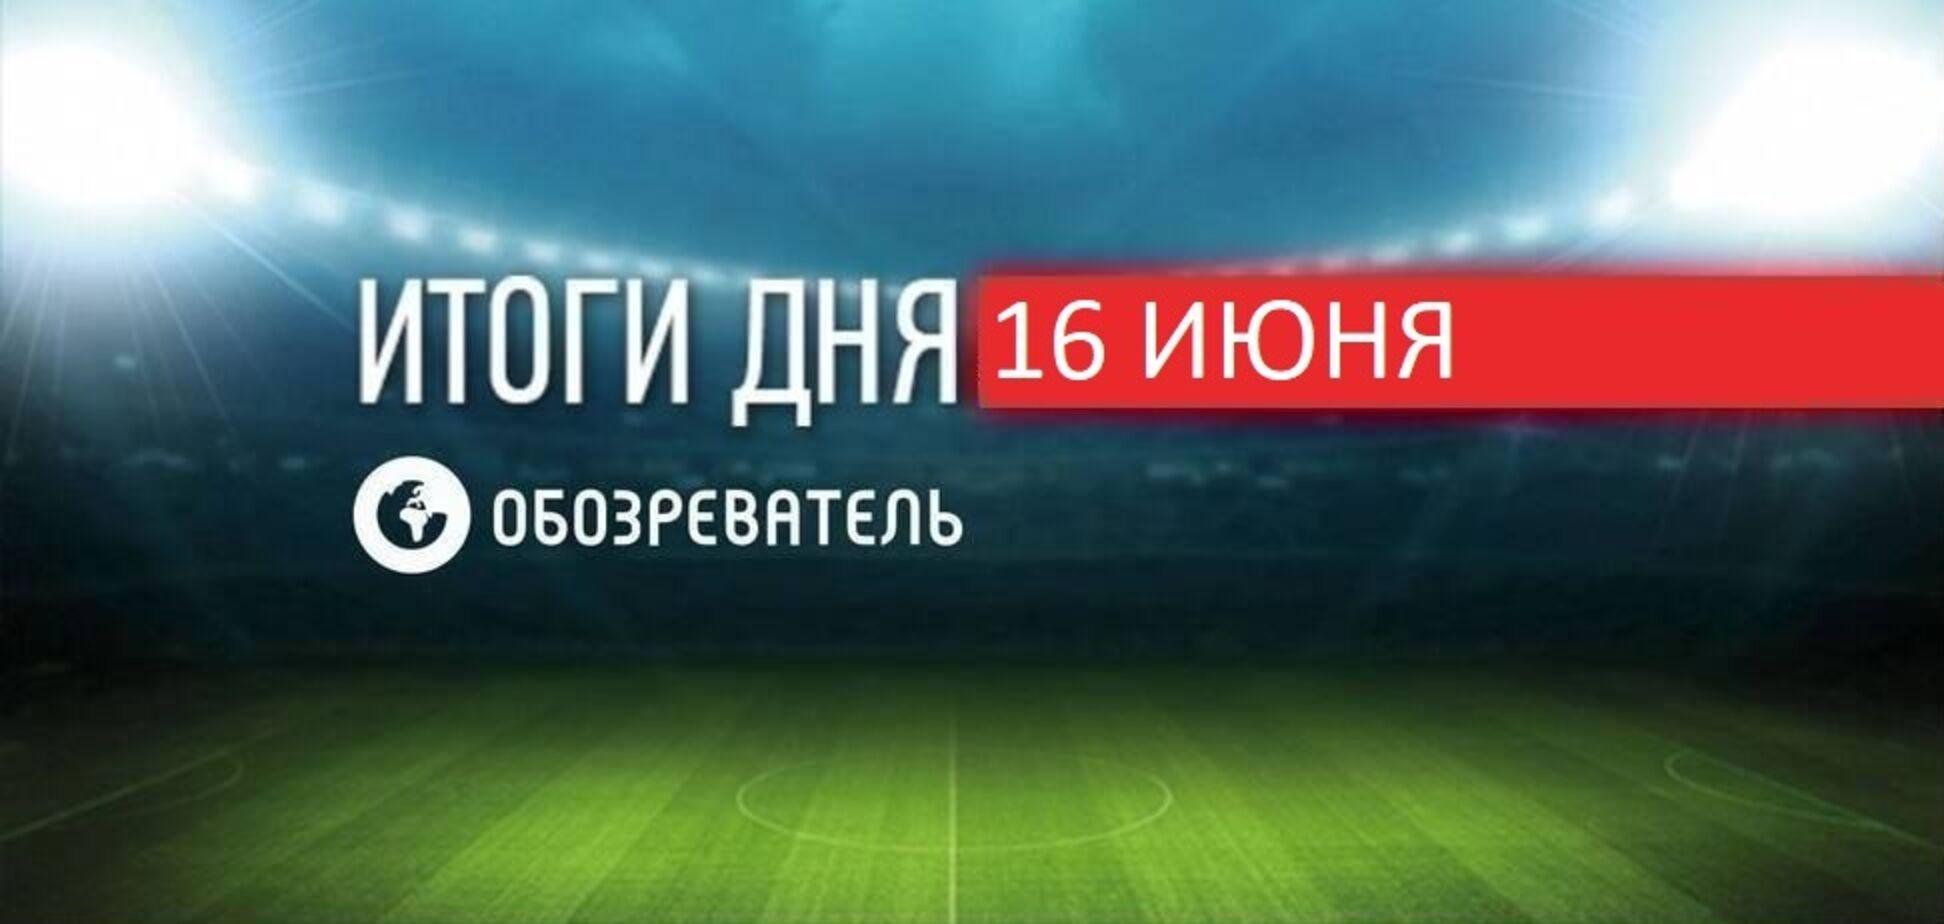 Шевченко розповів про проблеми в збірній України: новини спорту 16 червня